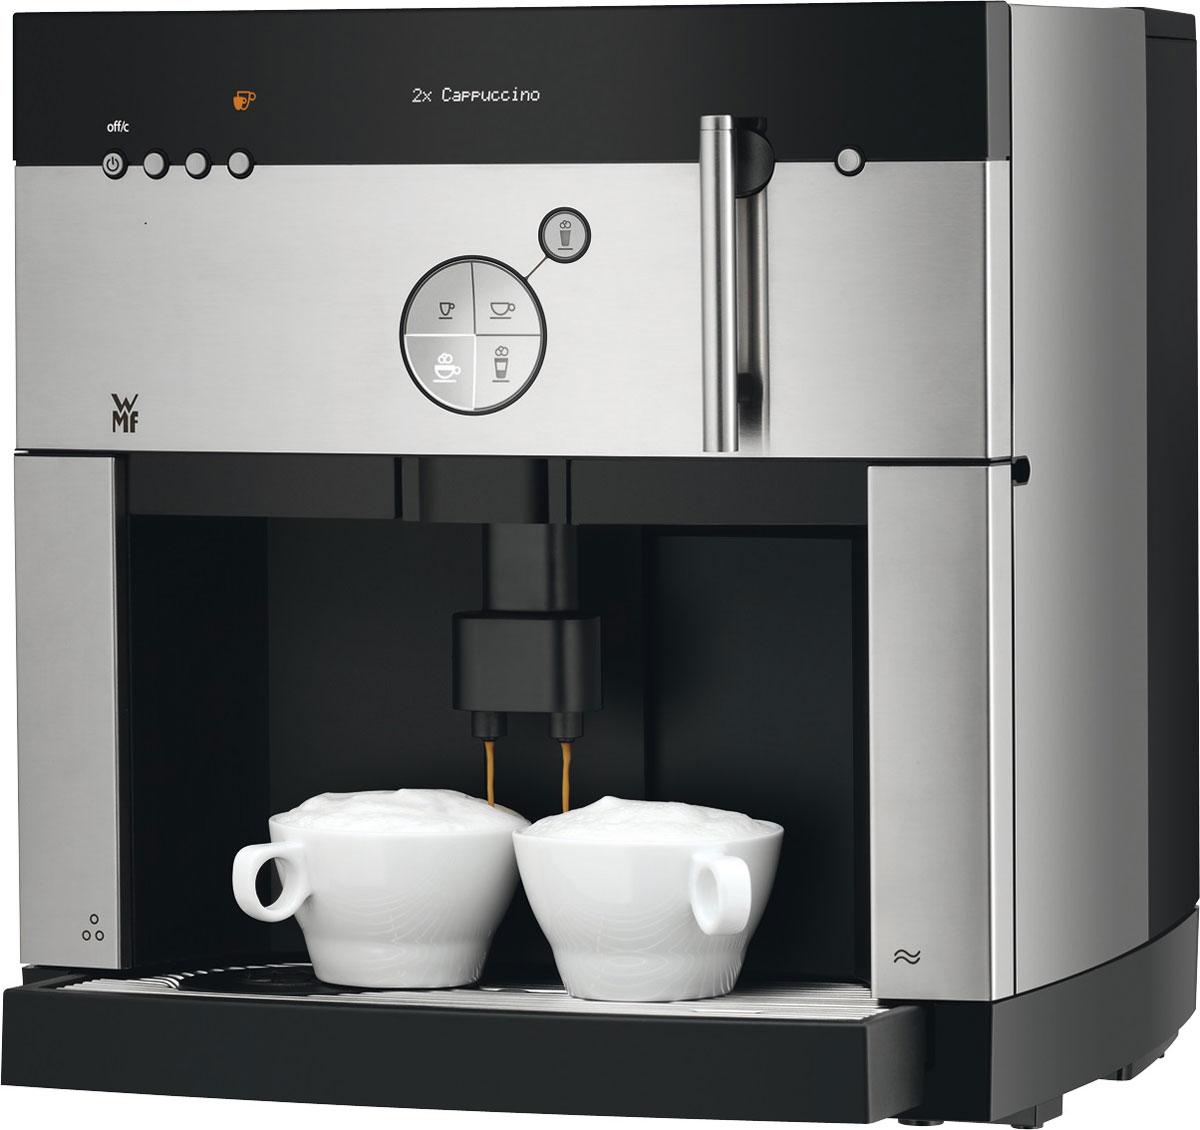 WMF 1000 S кофемашина1000 S (03.0500.1003)WMF 1000 S — автоматическая кофемашина для эксплуатации в небольших и средних офисах. Благодаря наличию независимой молочной системы, помимо привычных ристретто, эспрессо и американо, аппарат позволяет готовить такие напитки, как латте, капучино, макиато и пр.Главными особенностями кофемашины являются возможность одновременного приготовления и подачи двух порций напитка, а также функция кофейника, позволяющая существенно повысить производительность аппарата.Управление системой осуществляется с помощью 5-кнопочной панели и небольшого графического дисплея. Интуитивно-понятная навигационная панель позволяет выбирать напитки, программировать их вкусовые качества, а также управлять дополнительными функциями кофемашины, в частности подогревом чашки, таймером включения и автоматической промывкой оборудования.Отдельно стоит отметить внутреннюю изоляцию механизмов, обеспечивающую максимально тихую работу аппарата.